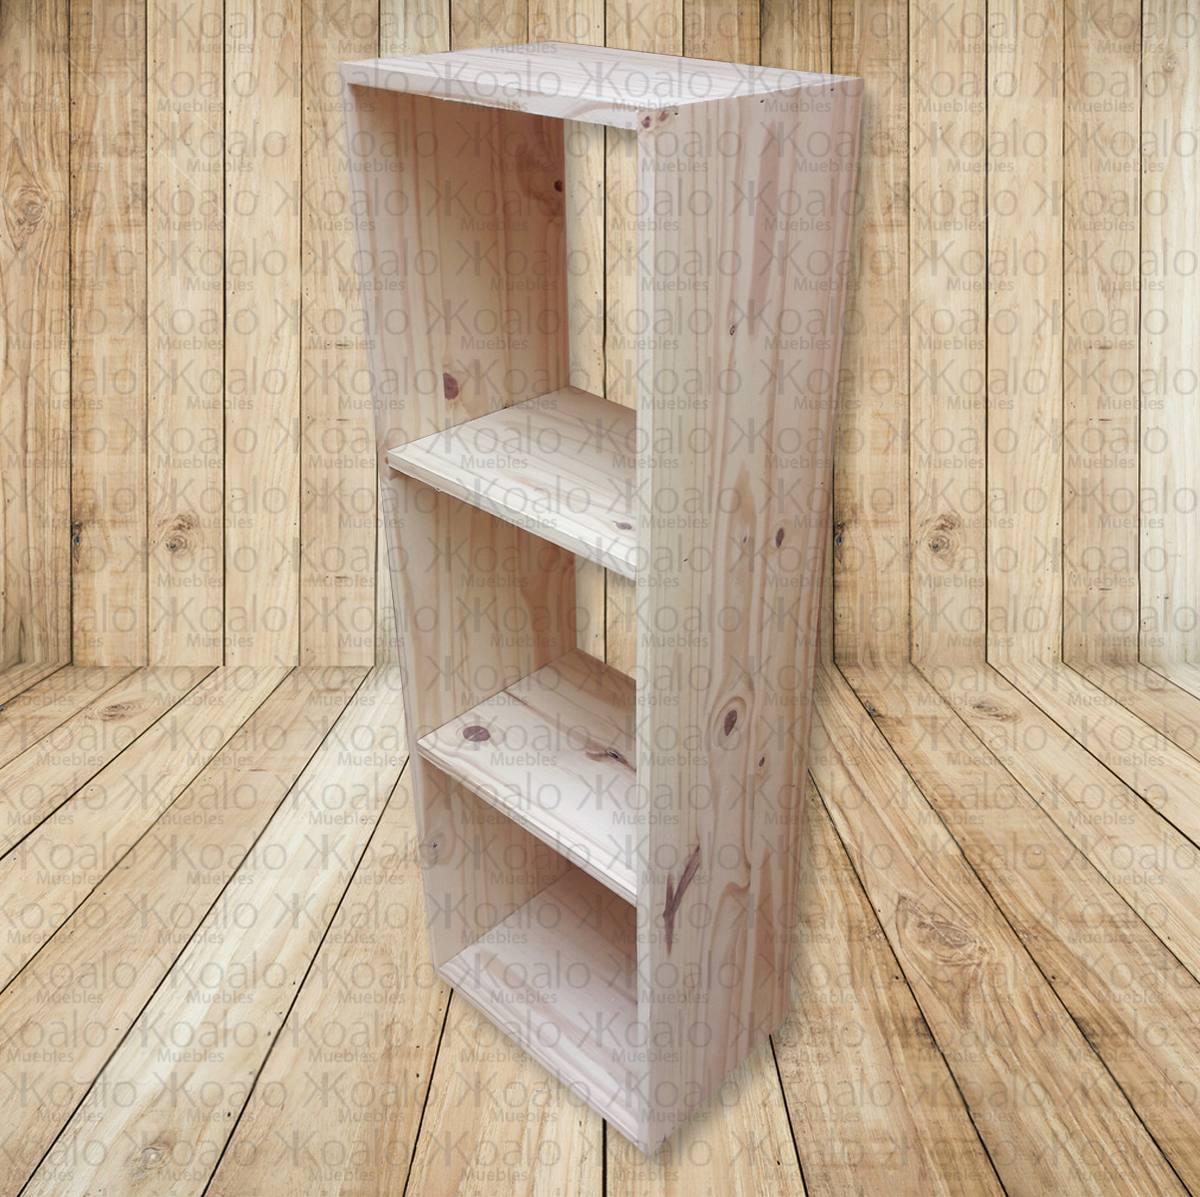 Cubo X3 Fabricado En Pino Para Organizar Koalo Muebles 495  # Organizar Muebles